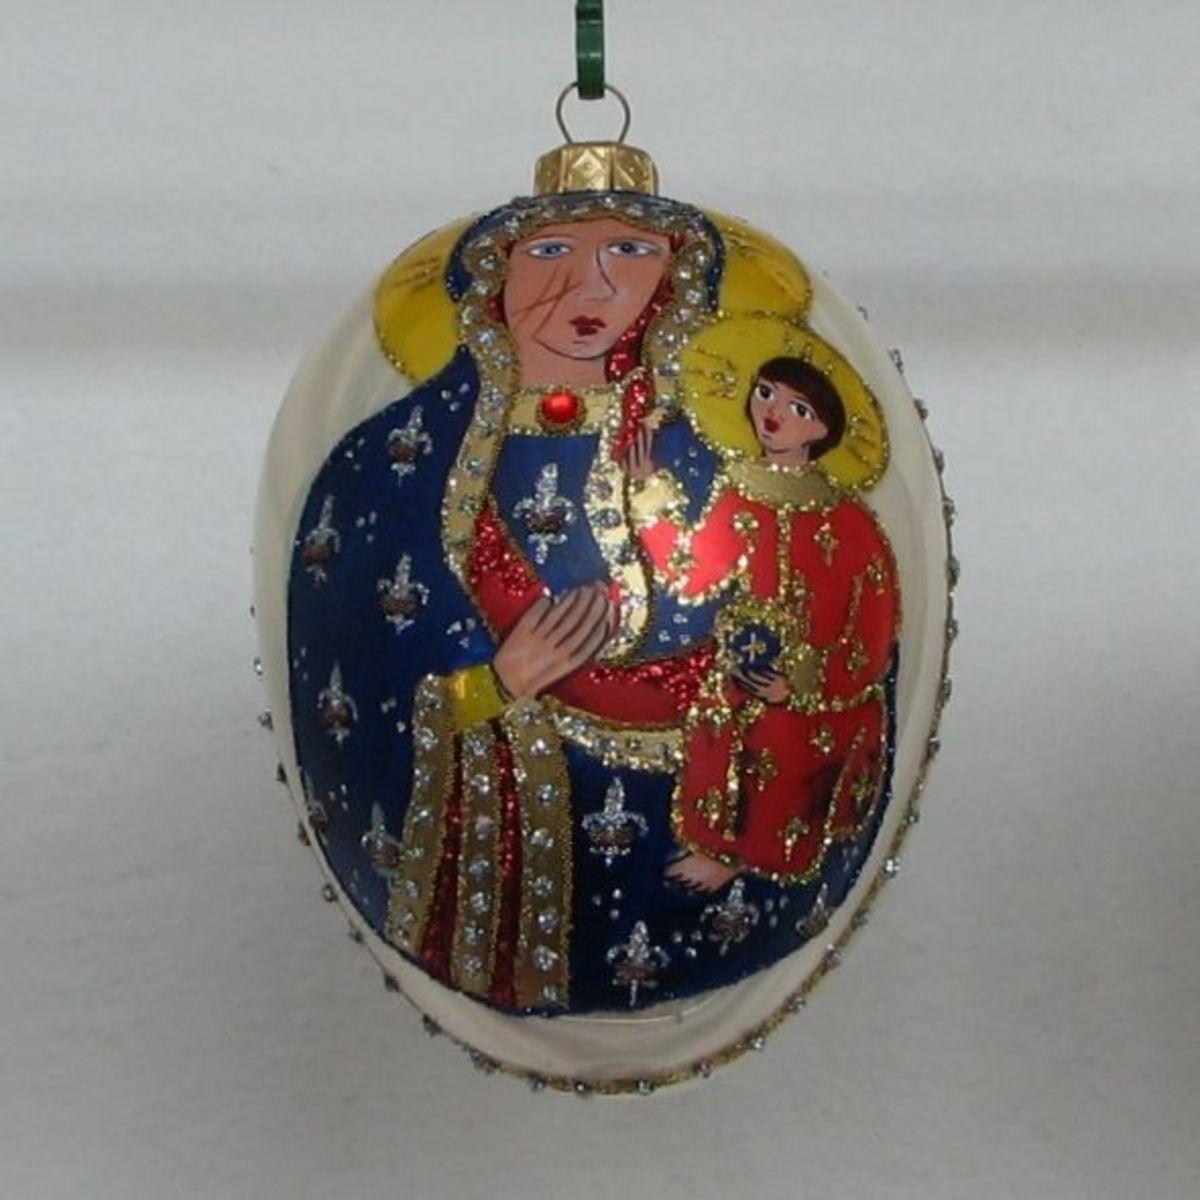 Our Lady of Czestochowa - Polish Black Madonna